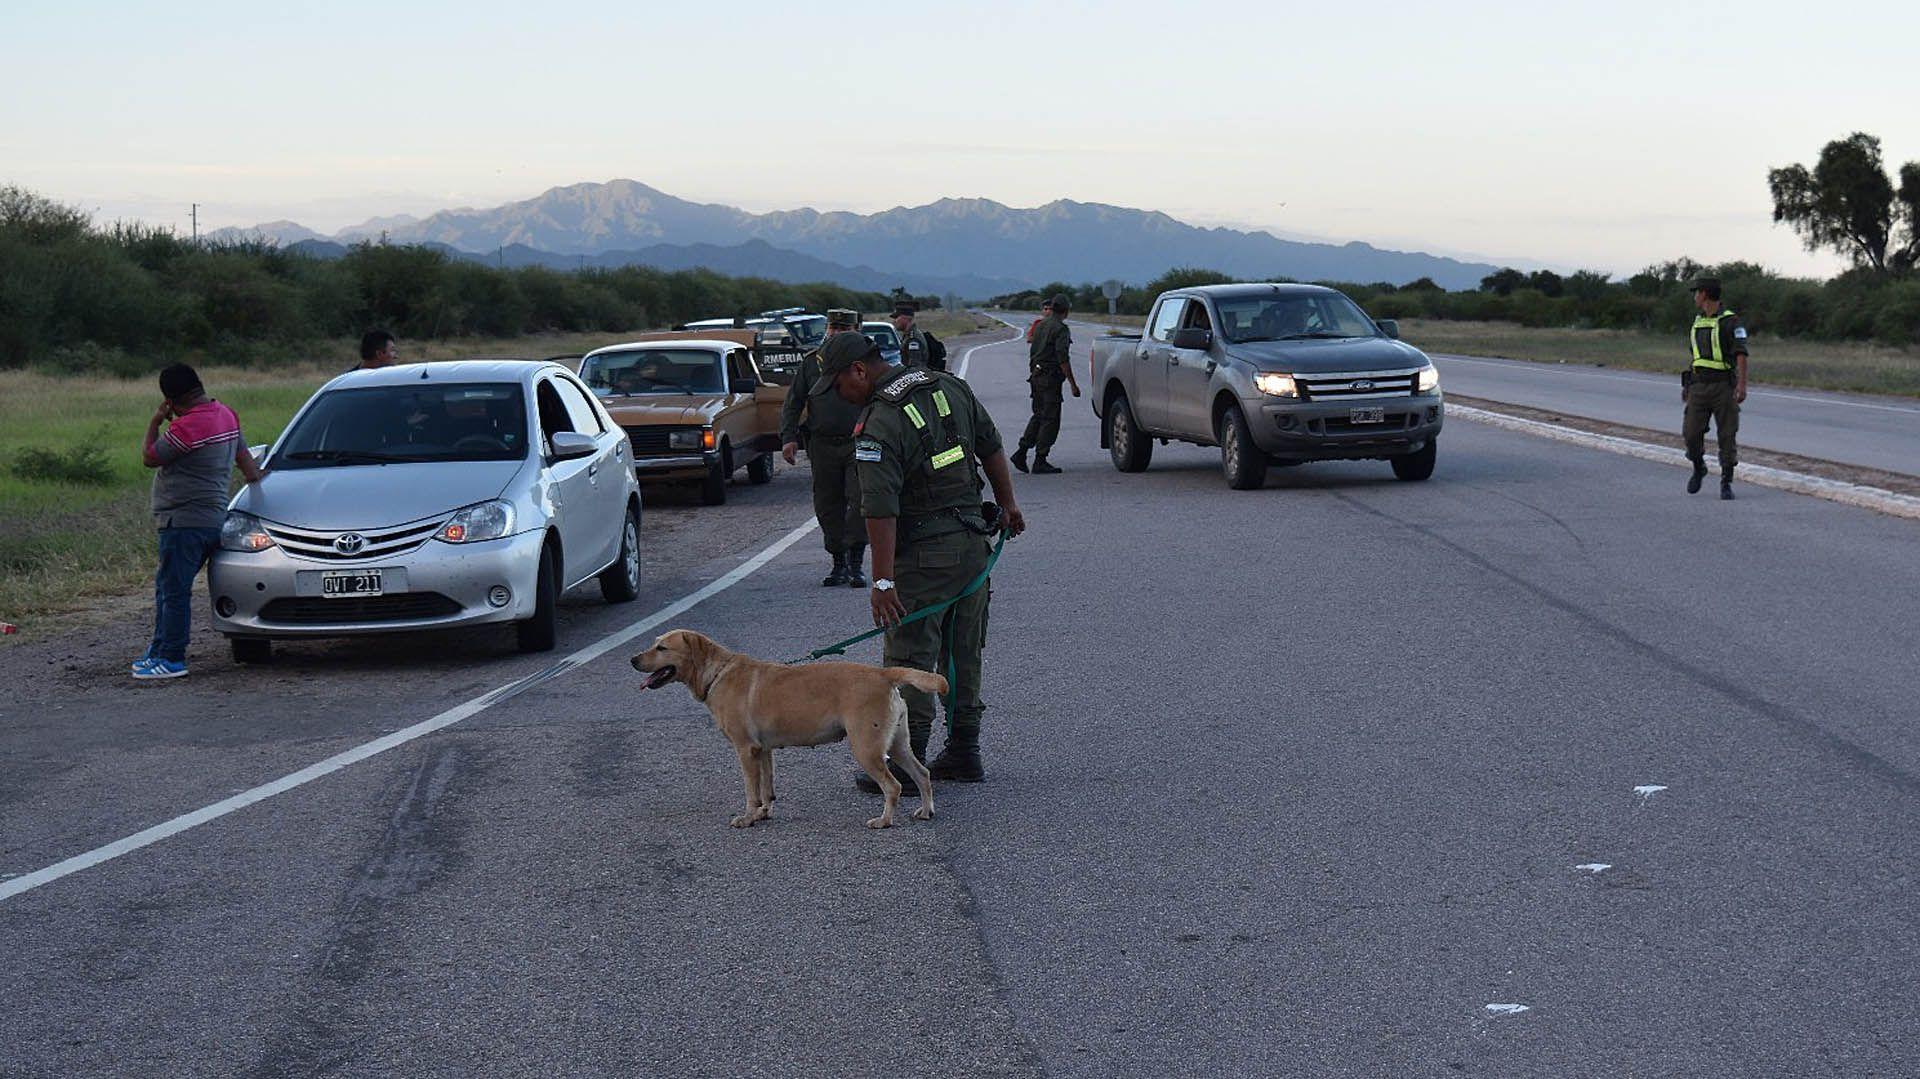 Los tres hombres con un arma de juguete simulaban ser gendarmes y realizaban controles falsos en La Quiaca. Secuestraban la mercadería de los transeúntes de la zona del barrio Santa Clara